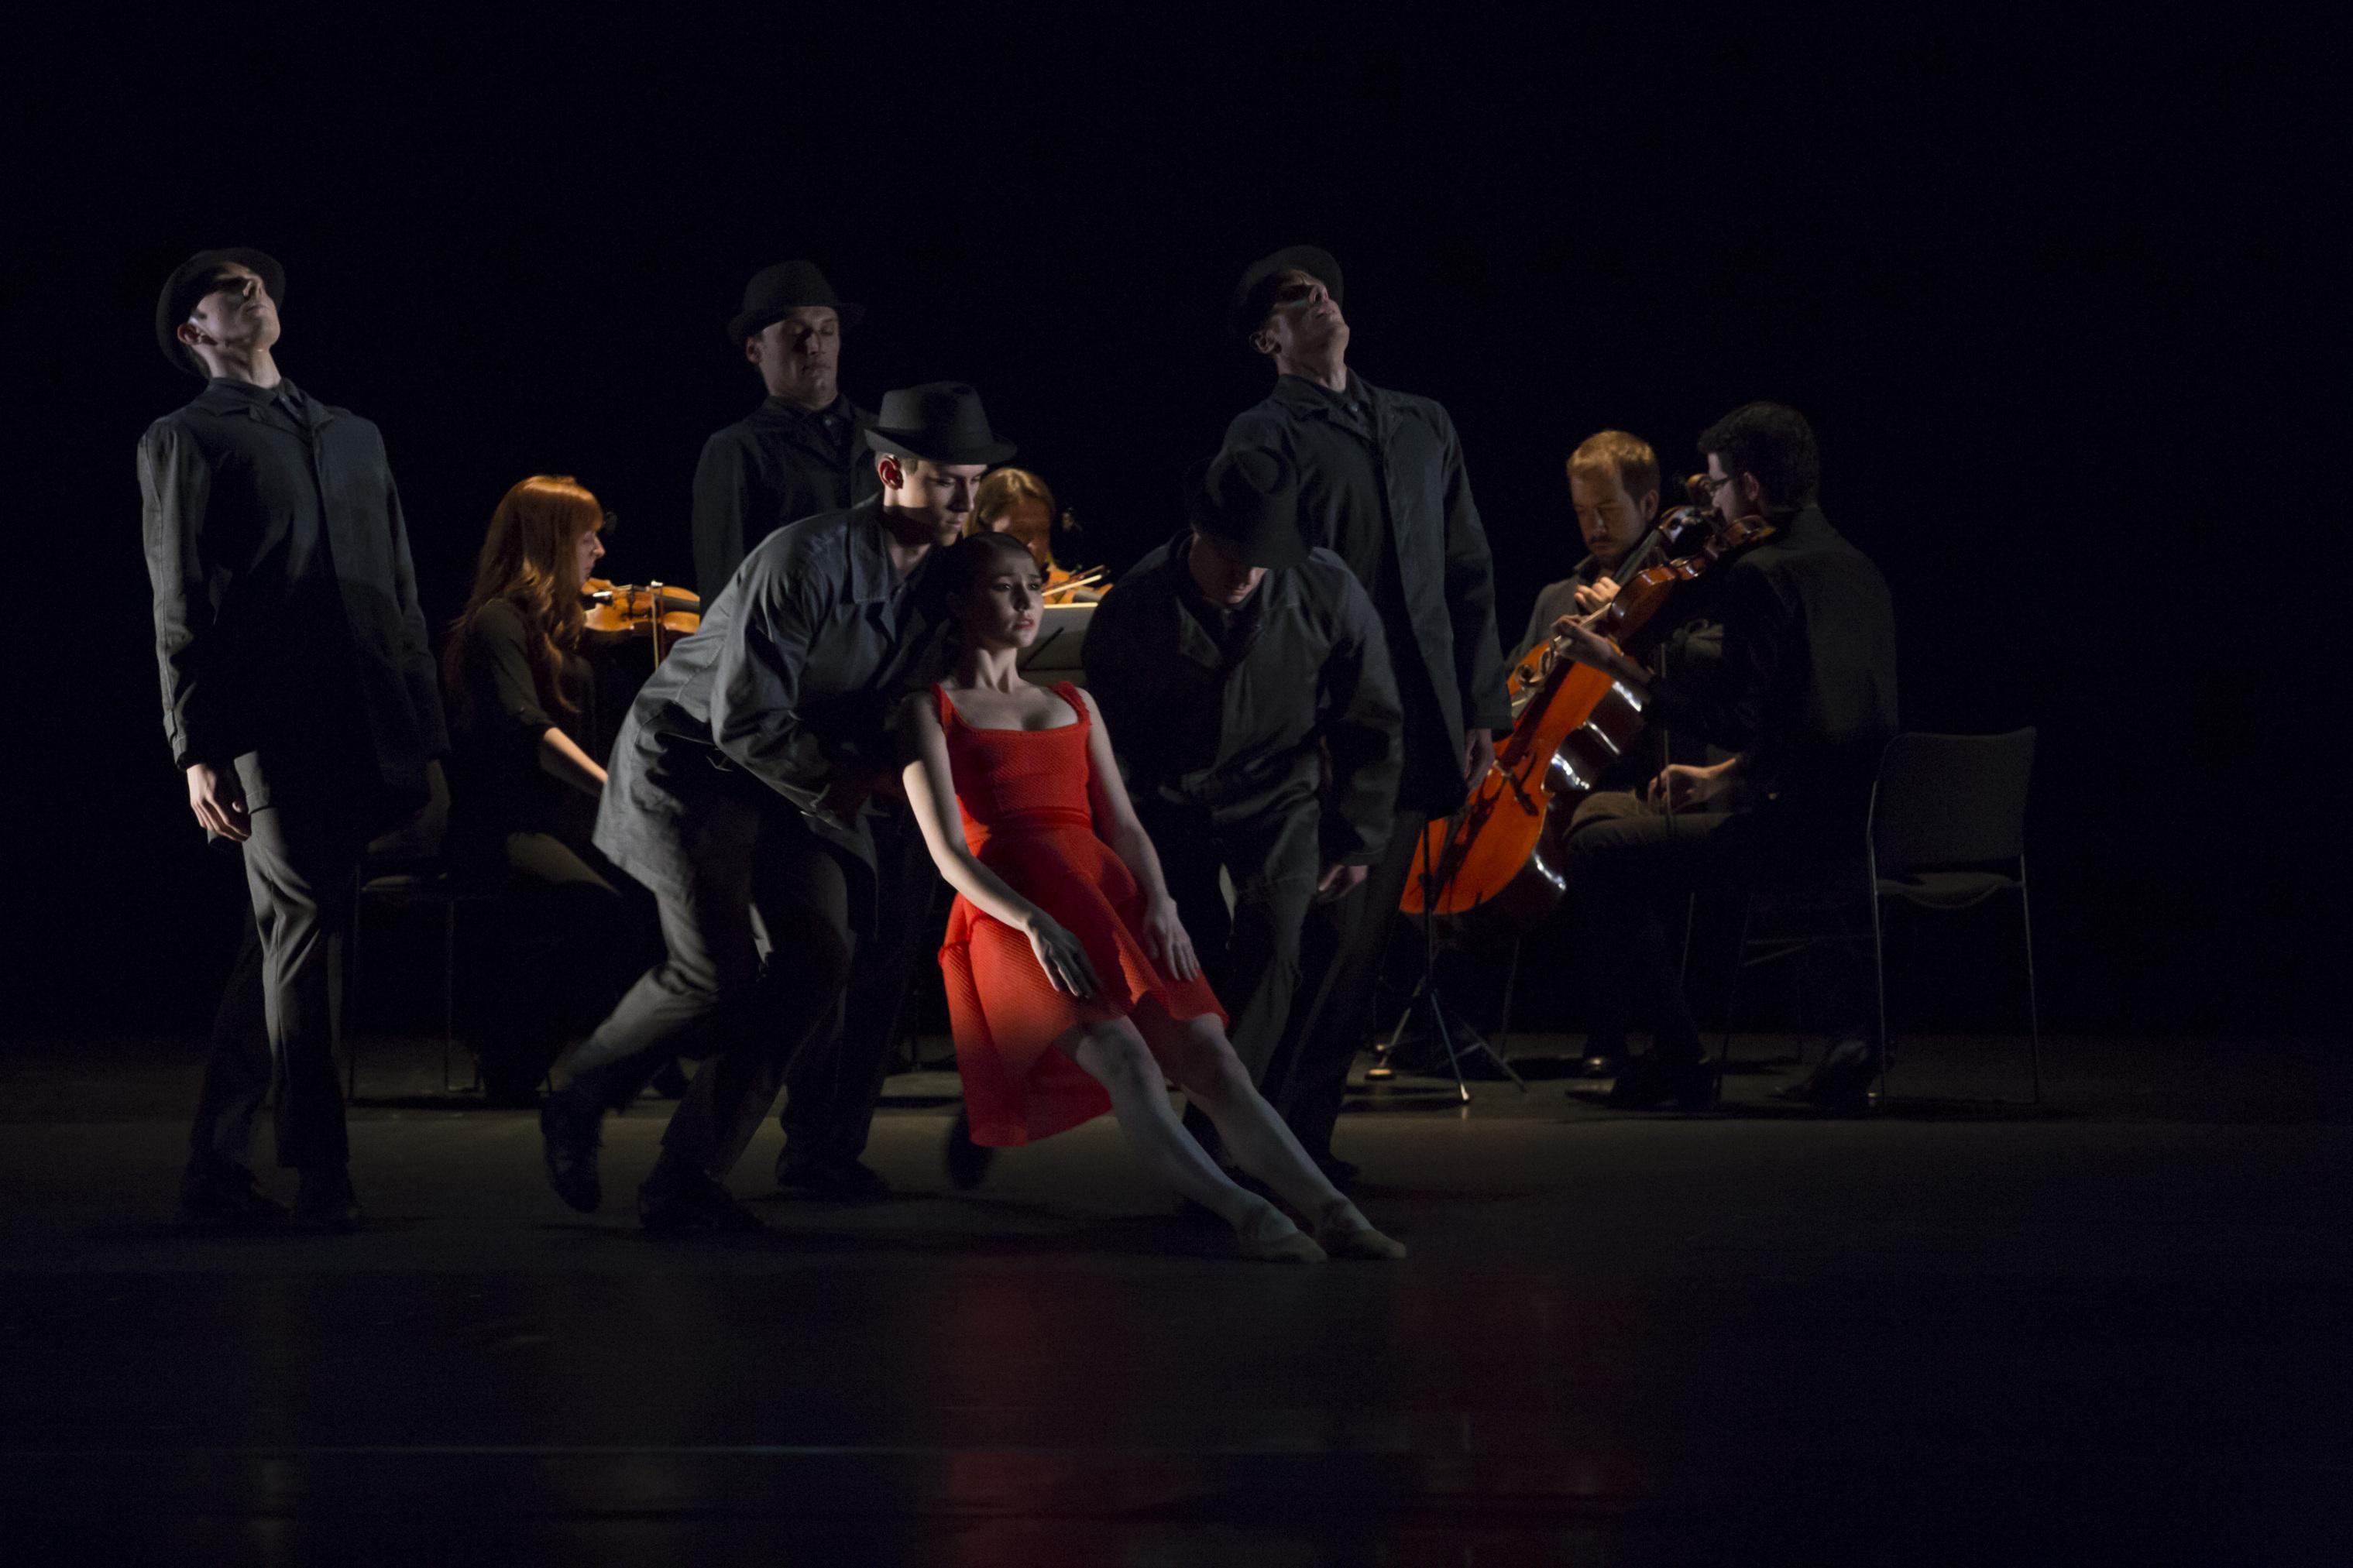 Un salon musical tr s d cal l op ra de paris danse - Musique danse de salon ...